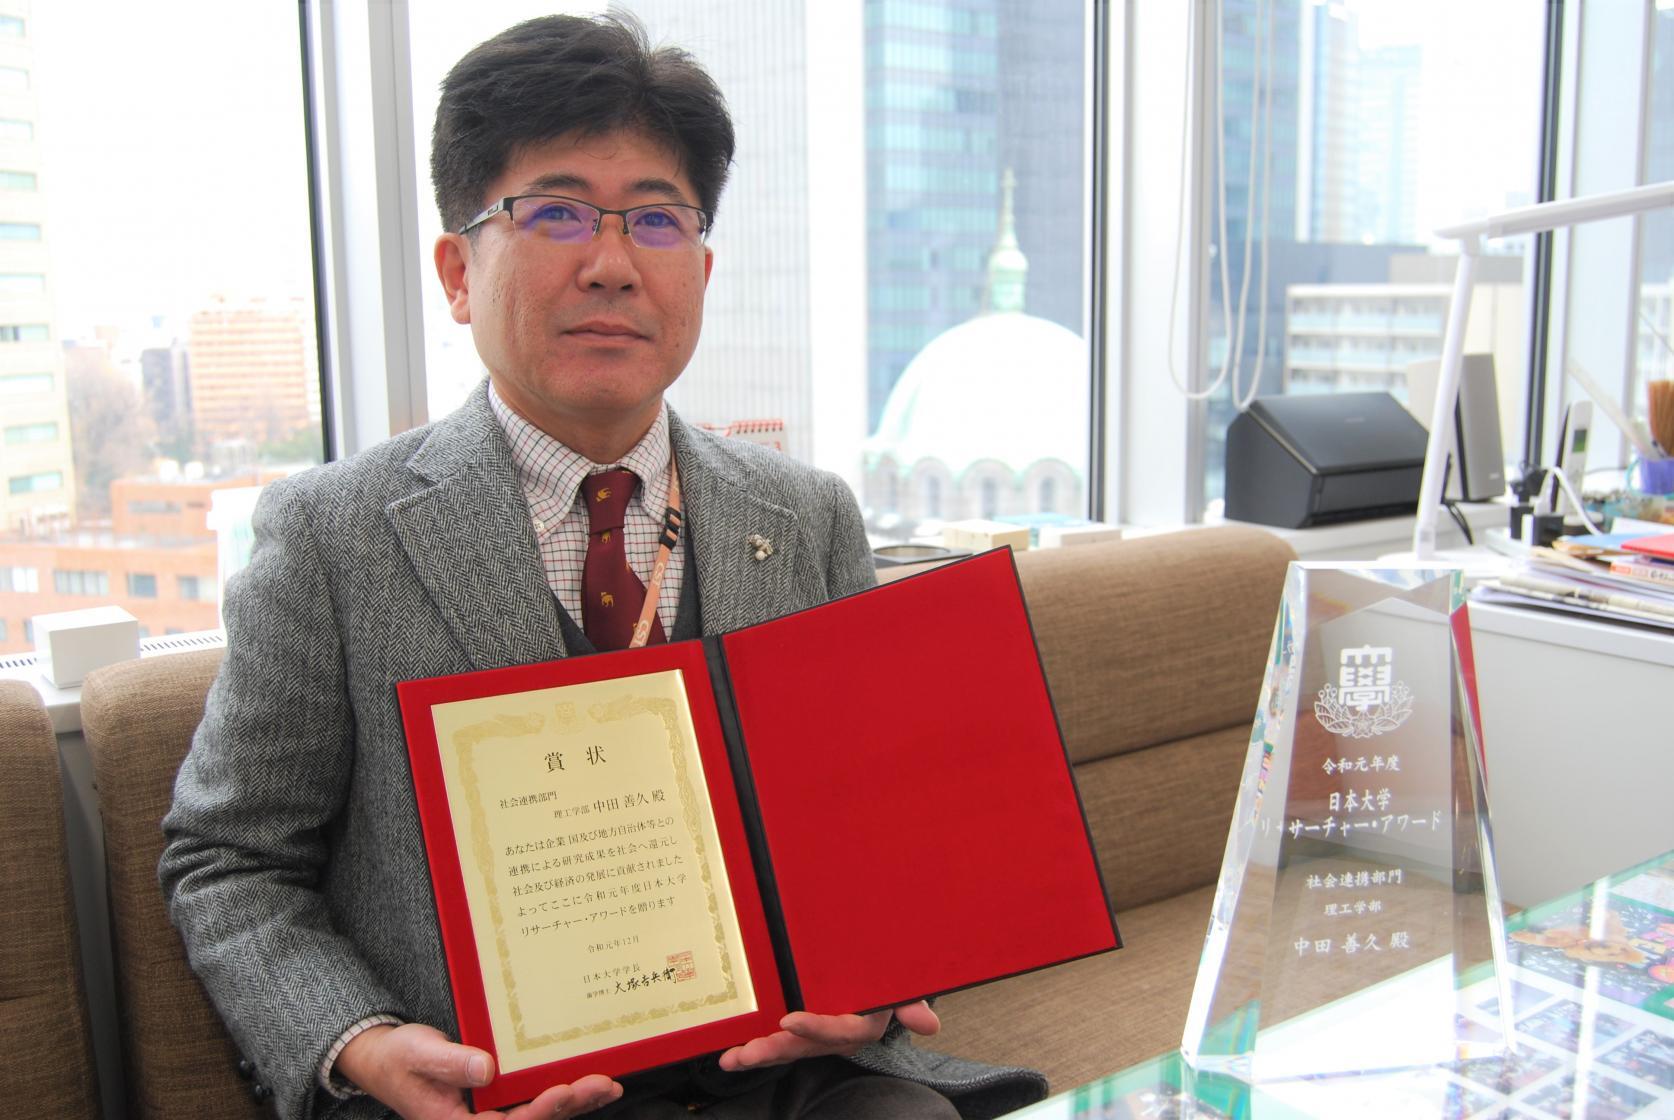 建築学科 中田善久教授が、令和元年度日本大学リサーチャー・アワード(社会連携部門)を受賞しました。